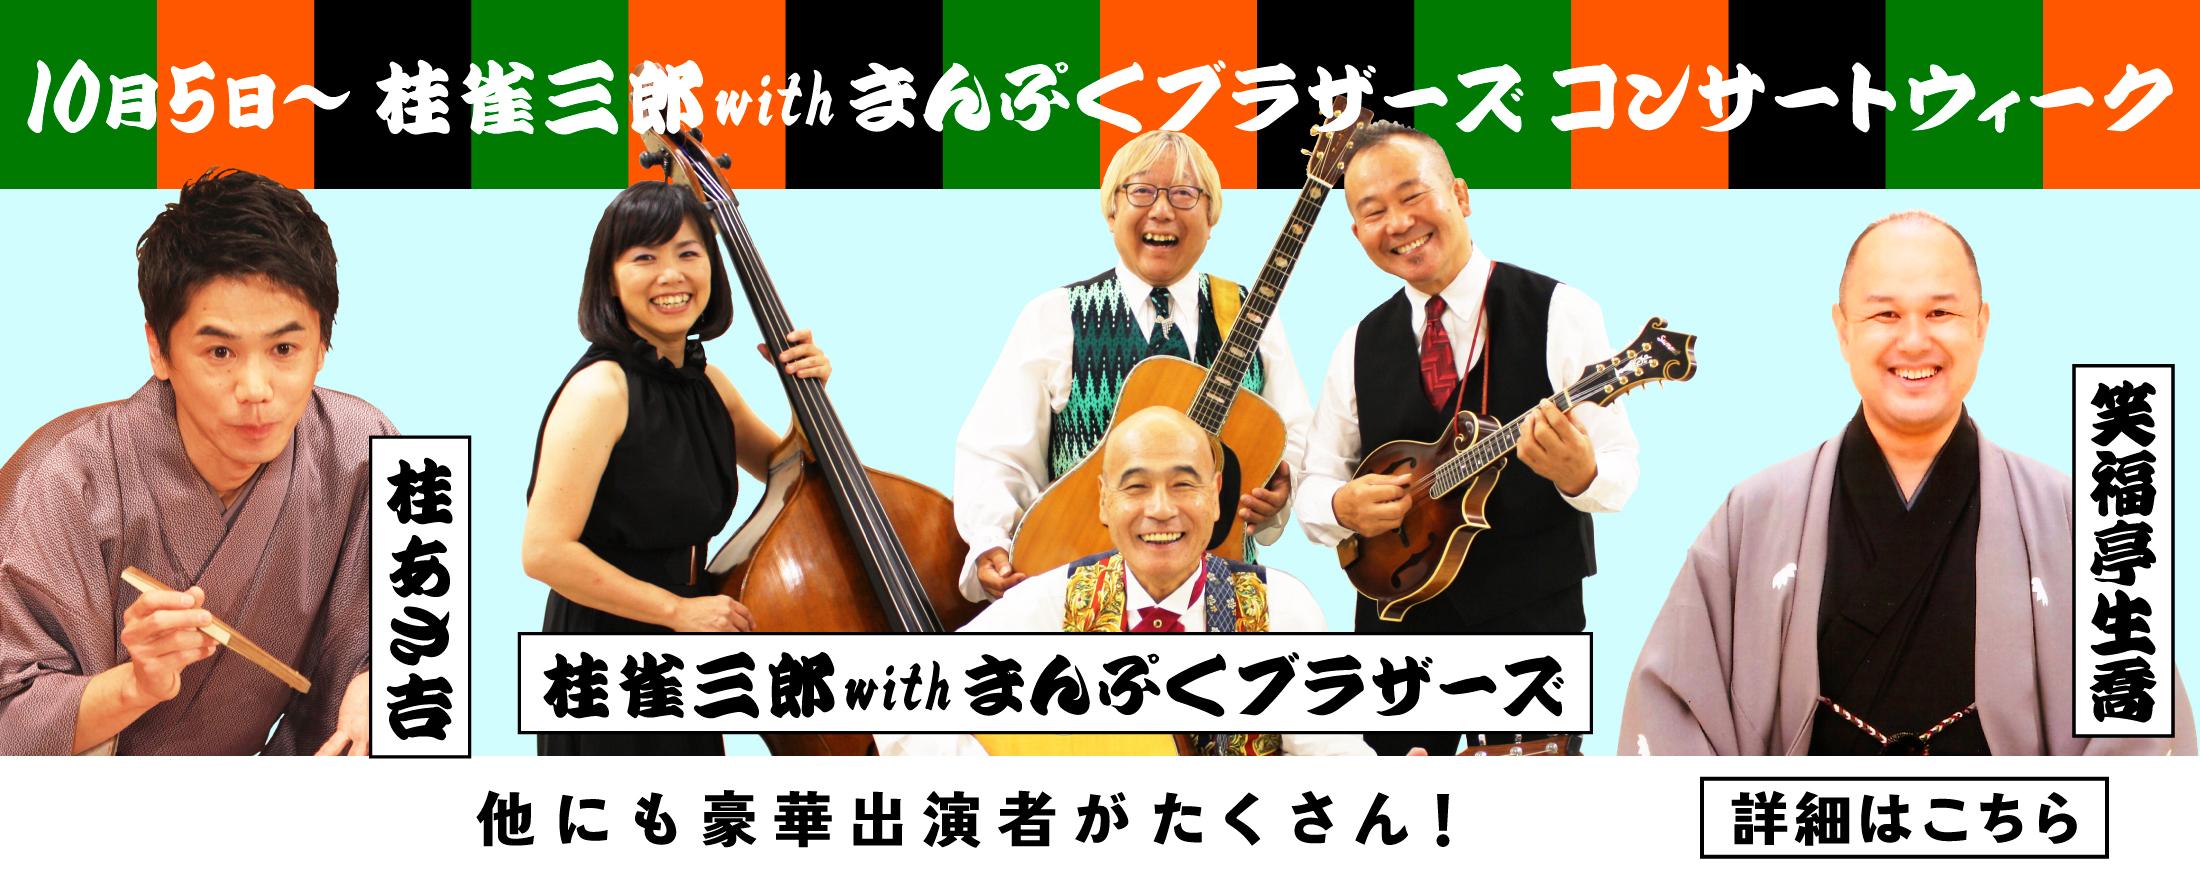 桂雀三郎withまんぷくブラザーズコンサートウイーク